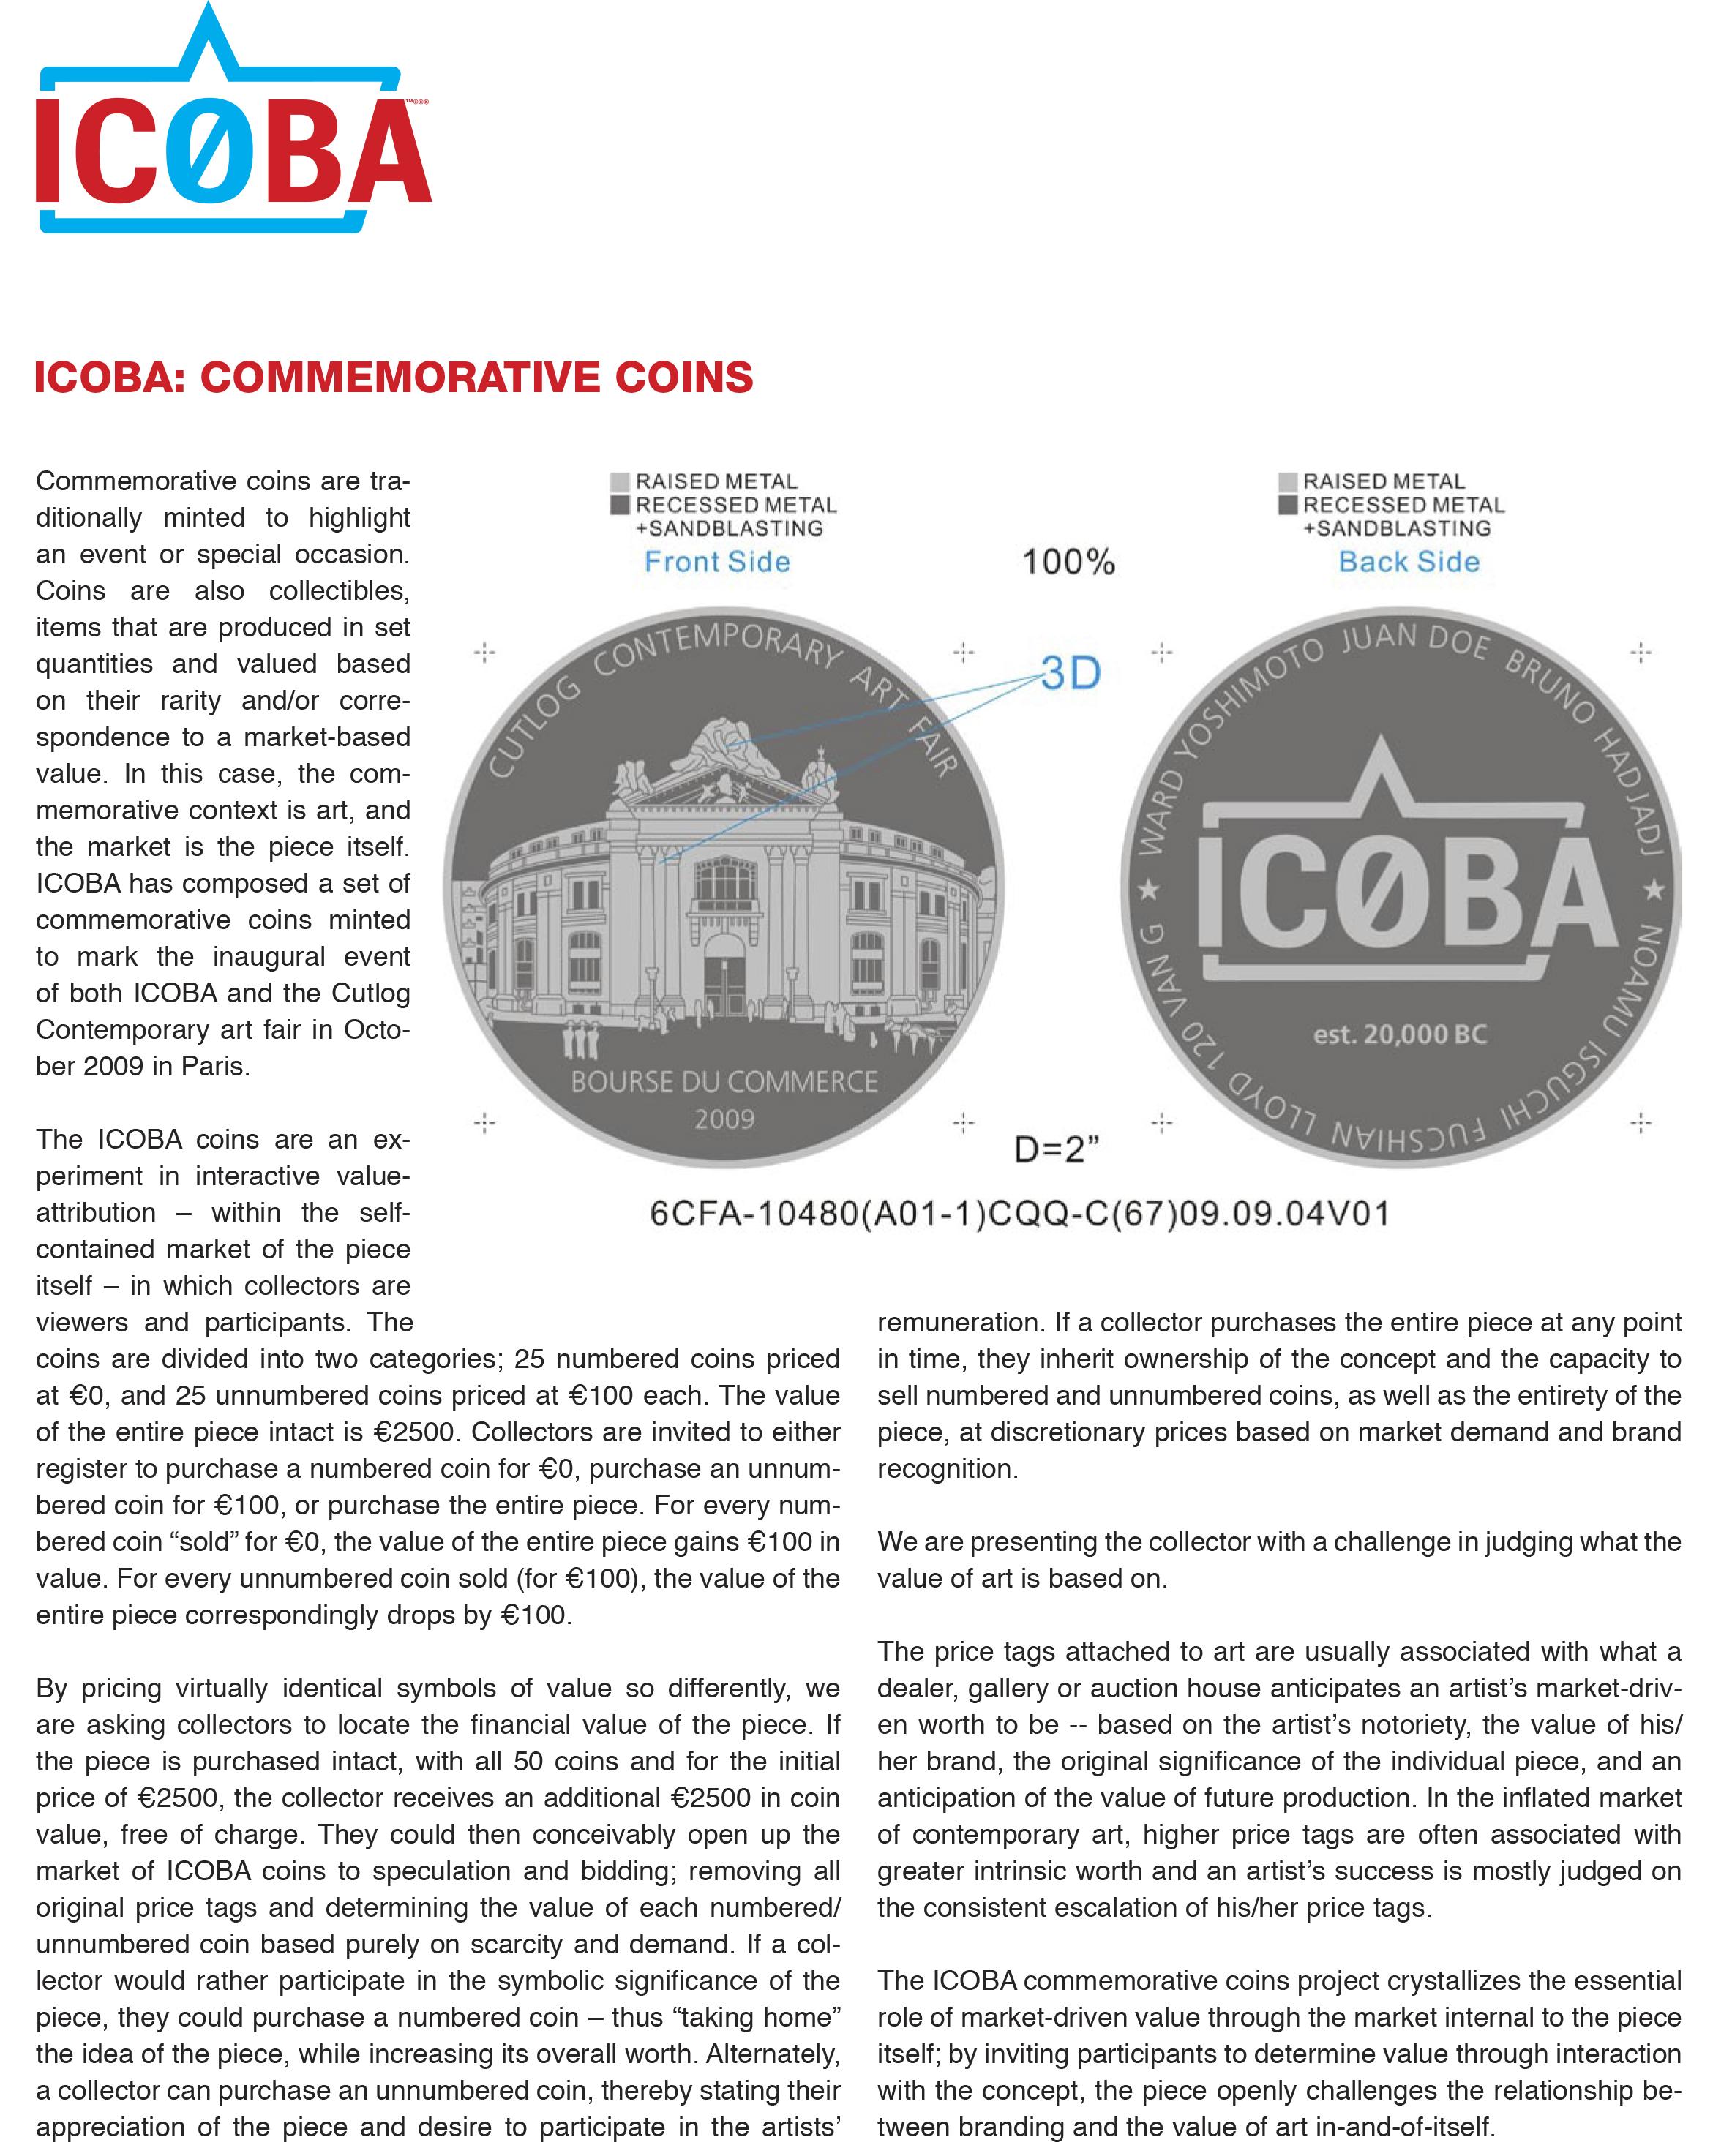 ICOBA_Press-Kit 6.jpg